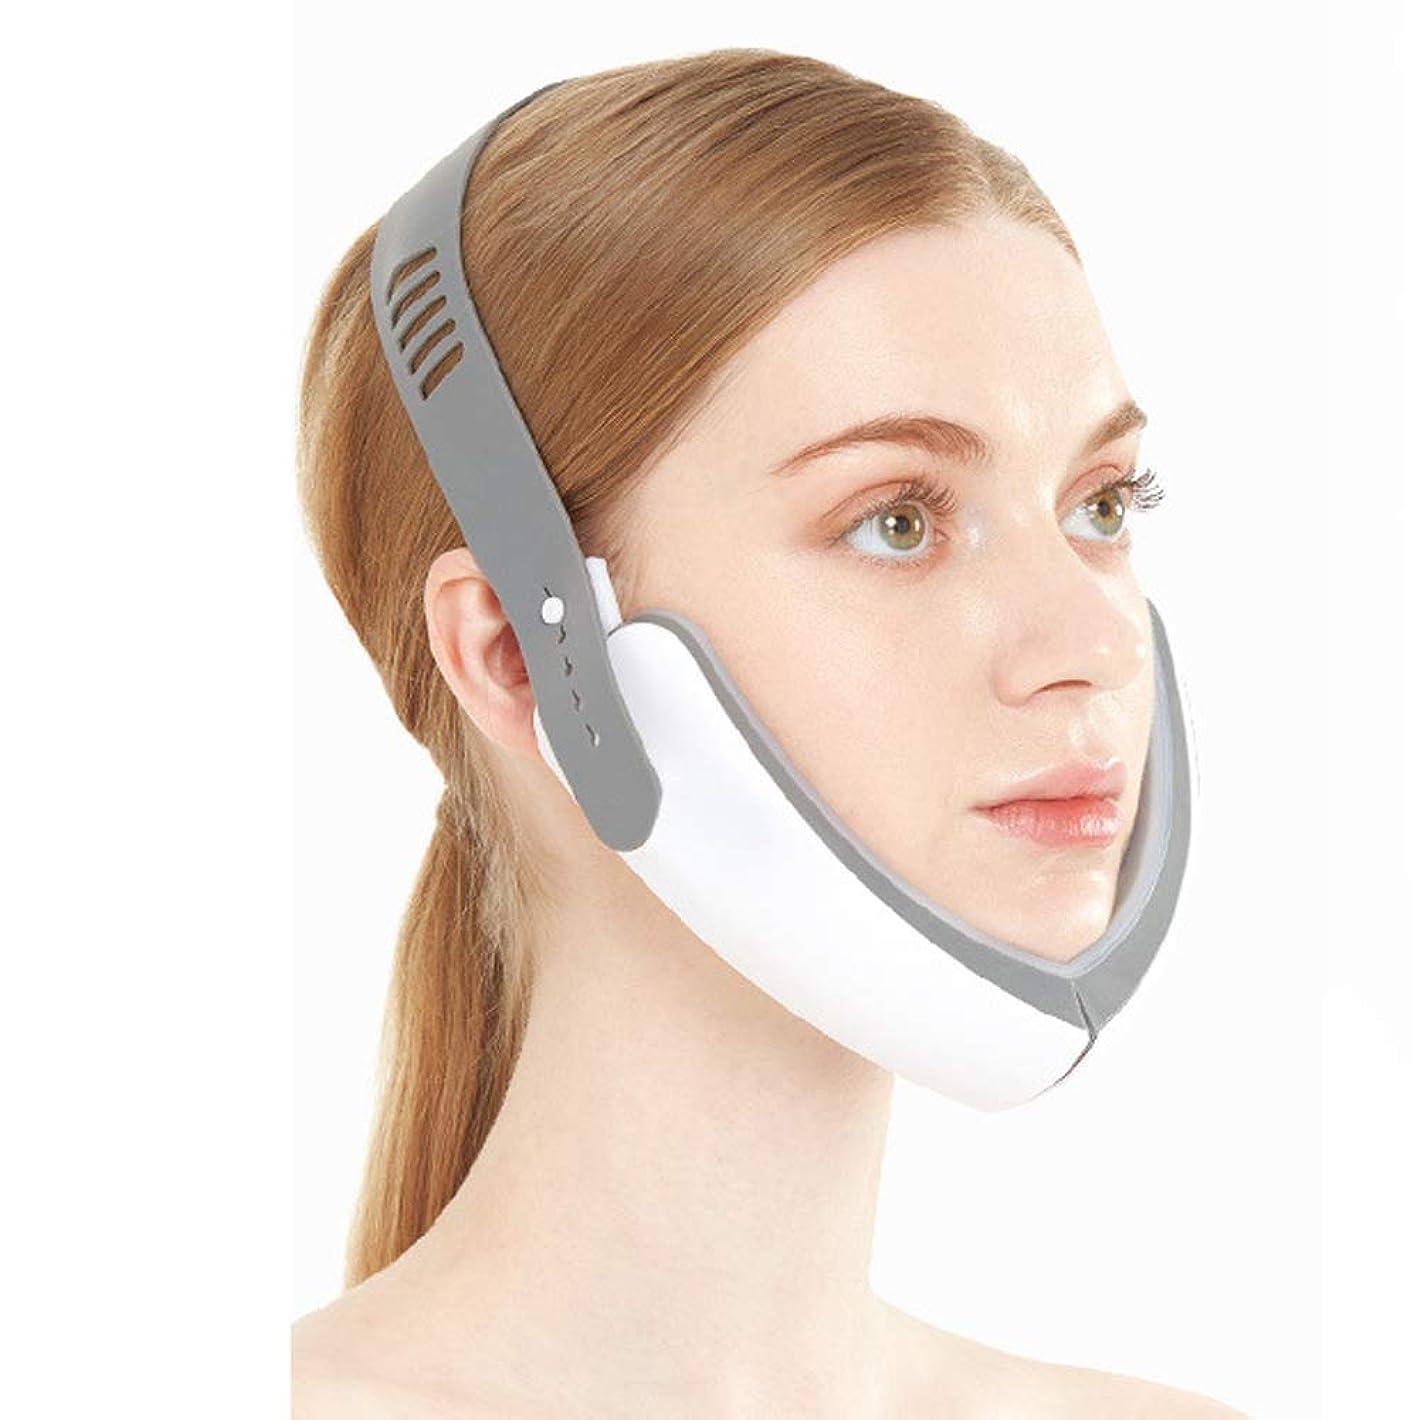 見込み操るエミュレートする電気V字型フェイシャルマッサージリフティング、ダブルジョー締め付けケア薄い顔ツールフェイシャル薄い顔美容機を減らします